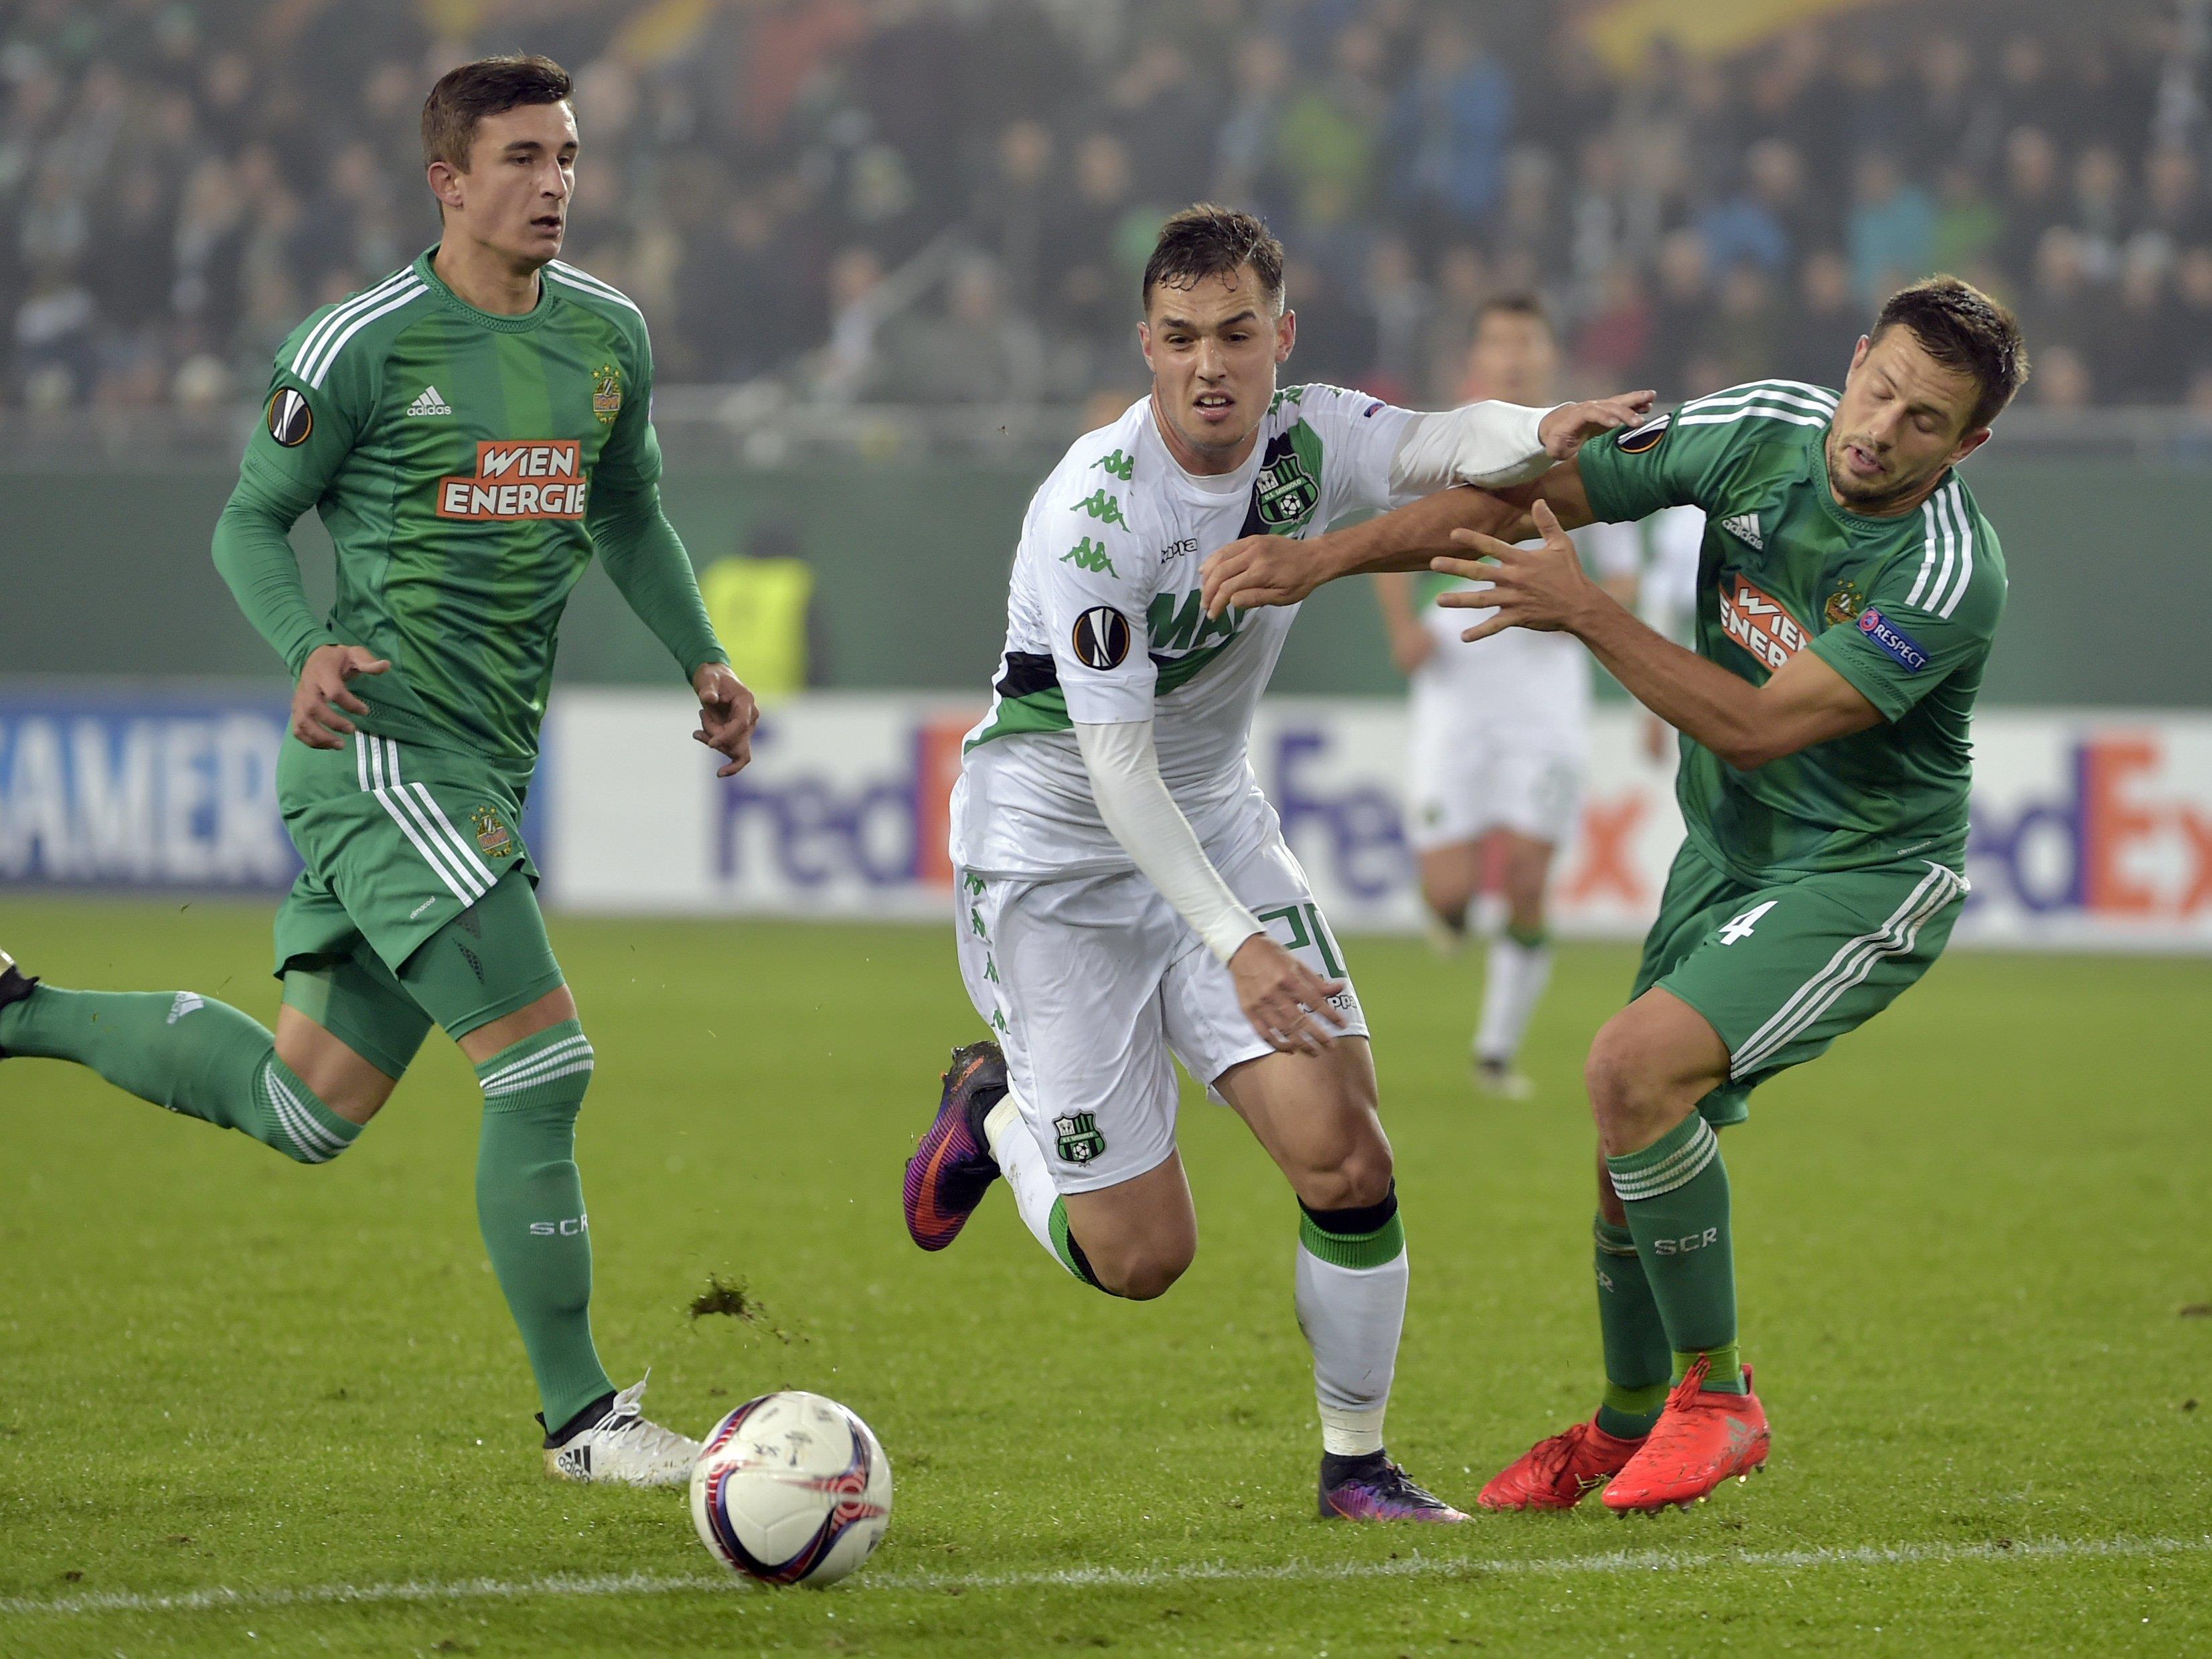 Am Donnerstag geht es für Rapid Wien gegen Sassuolo um wichtige Punkte.